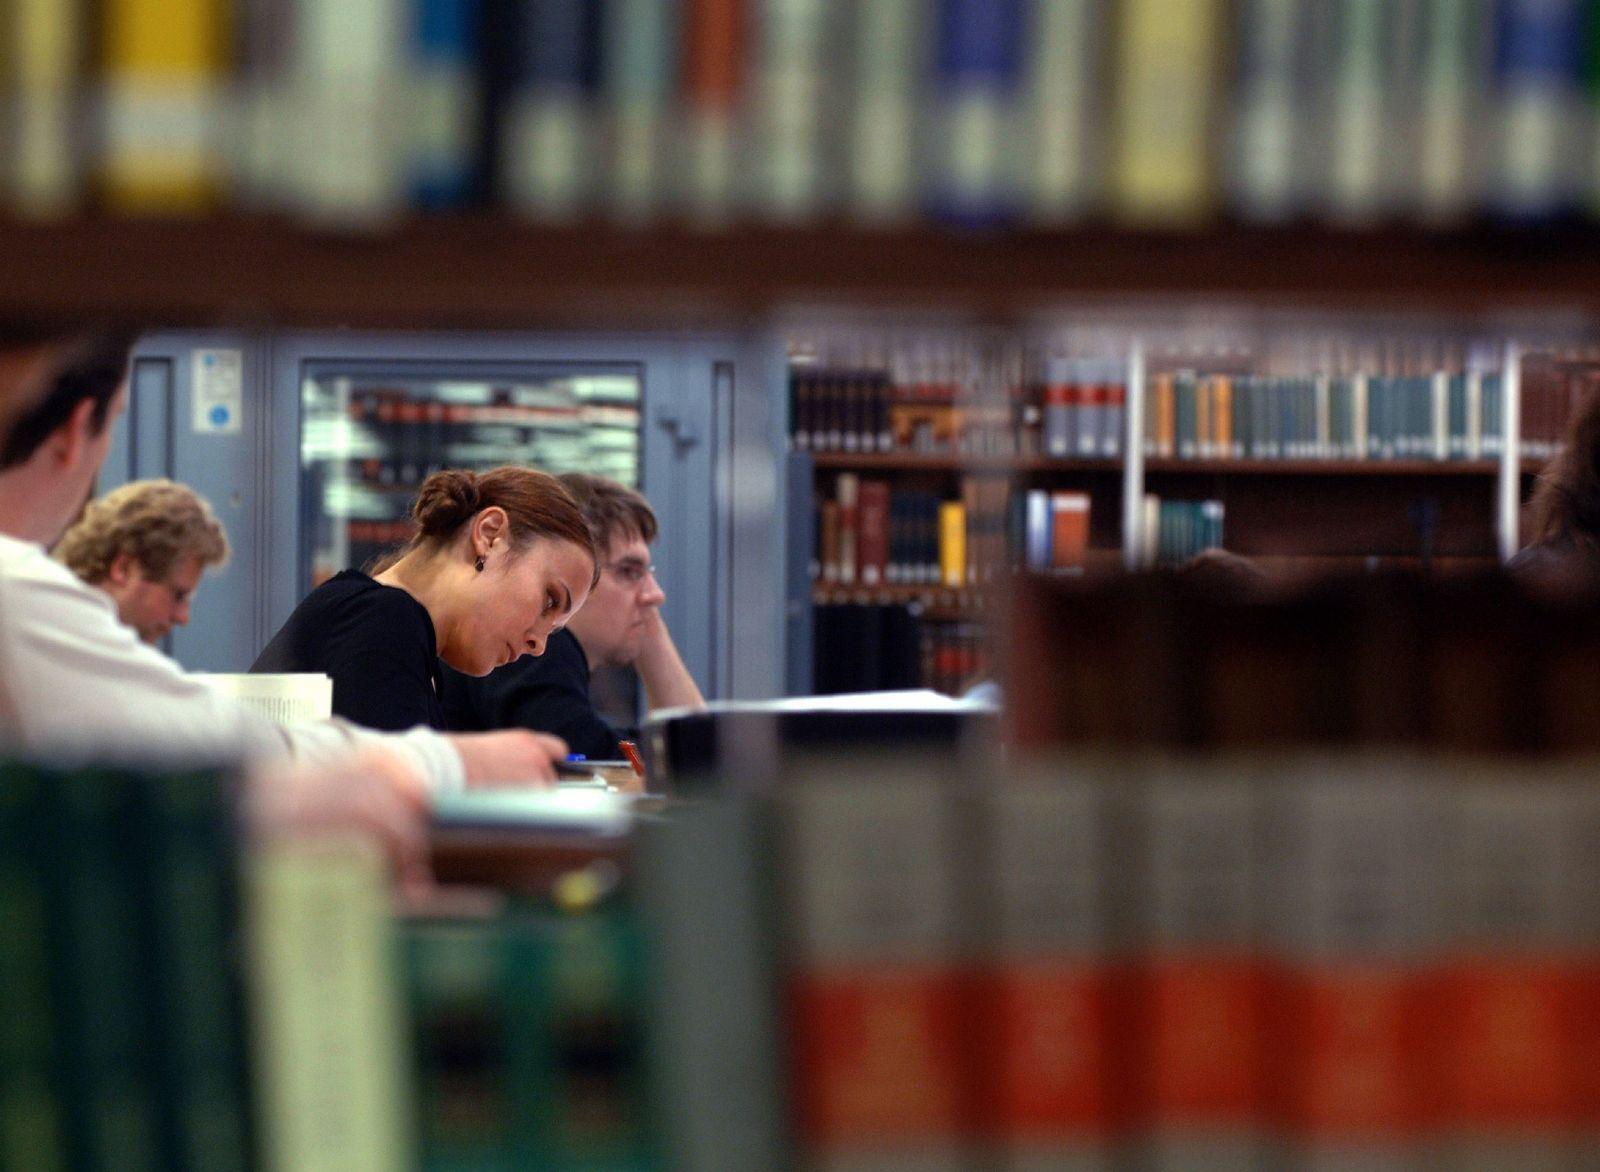 Hochschulen / Student / Bibliothek